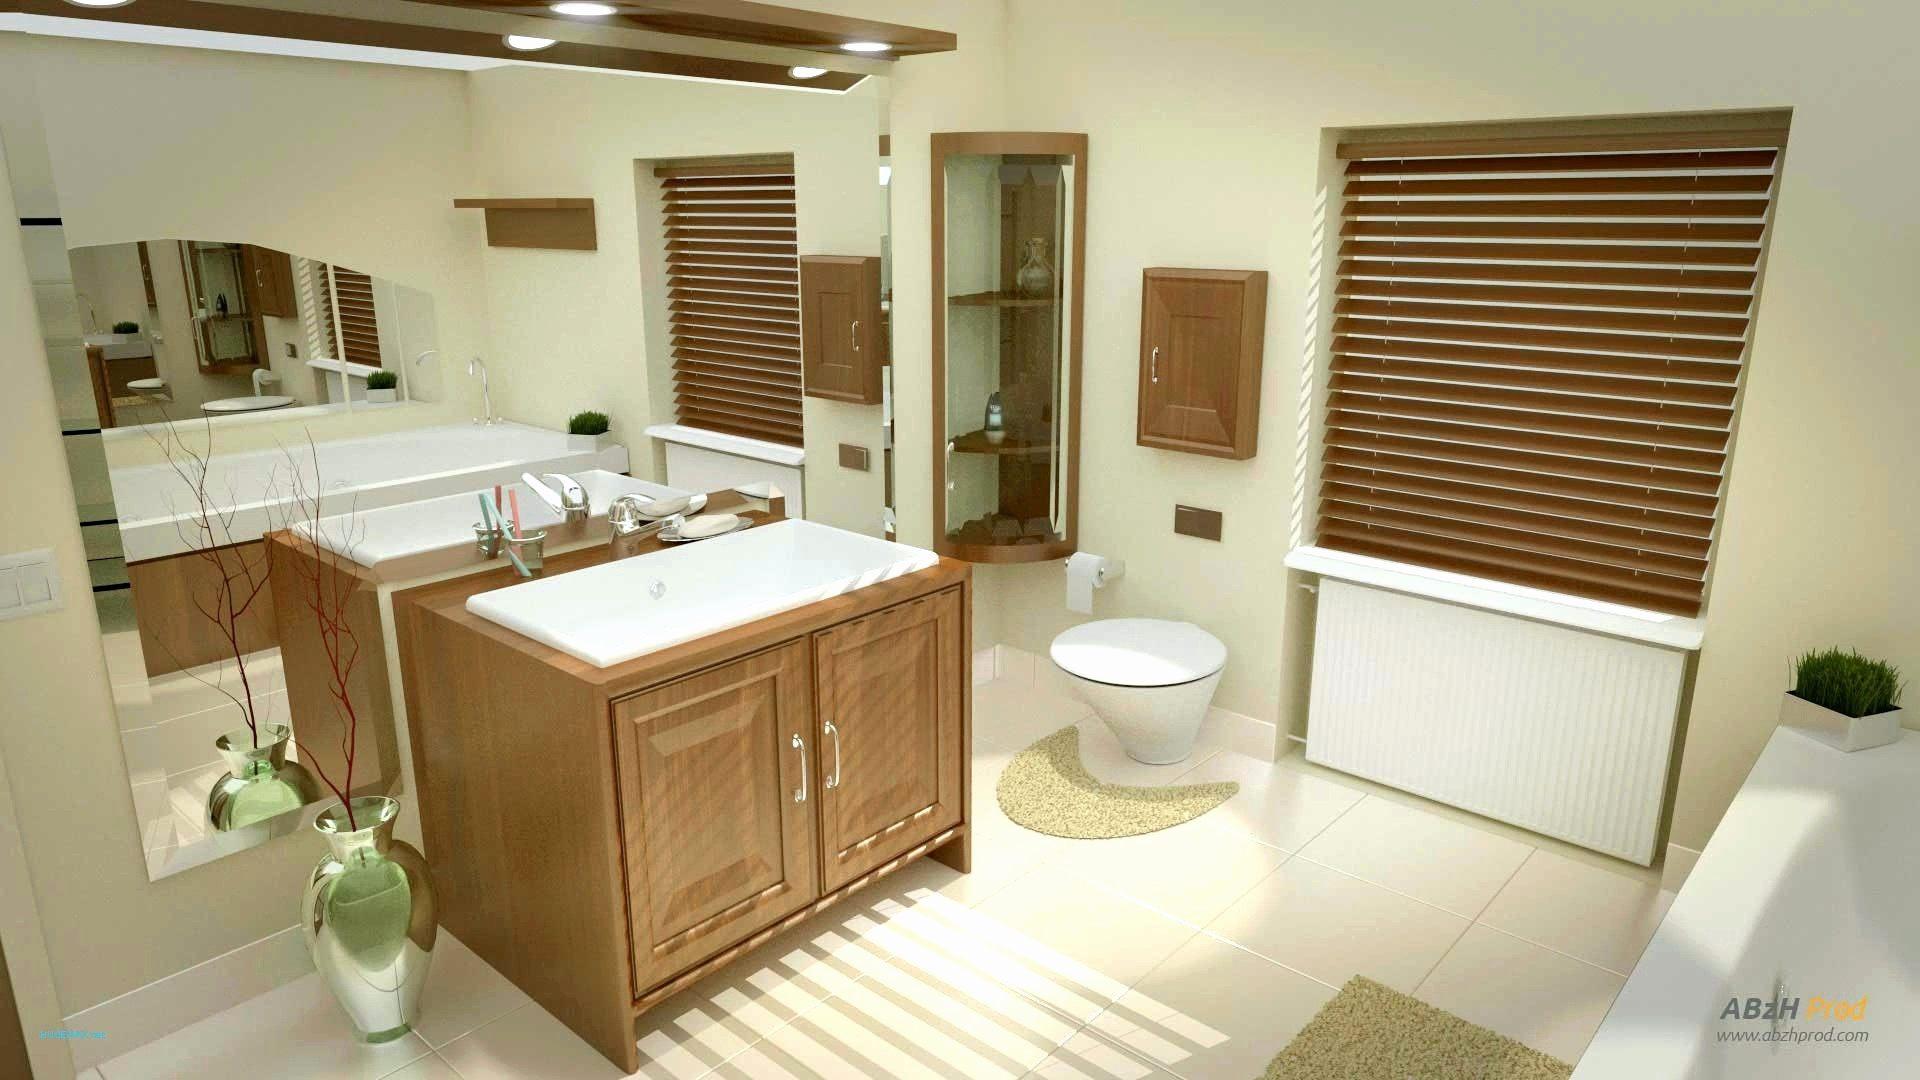 meuble salle de bain 75 cm le luxe luxe meuble salle de bain 75 cm raviraj de meuble salle de bain 75 cm